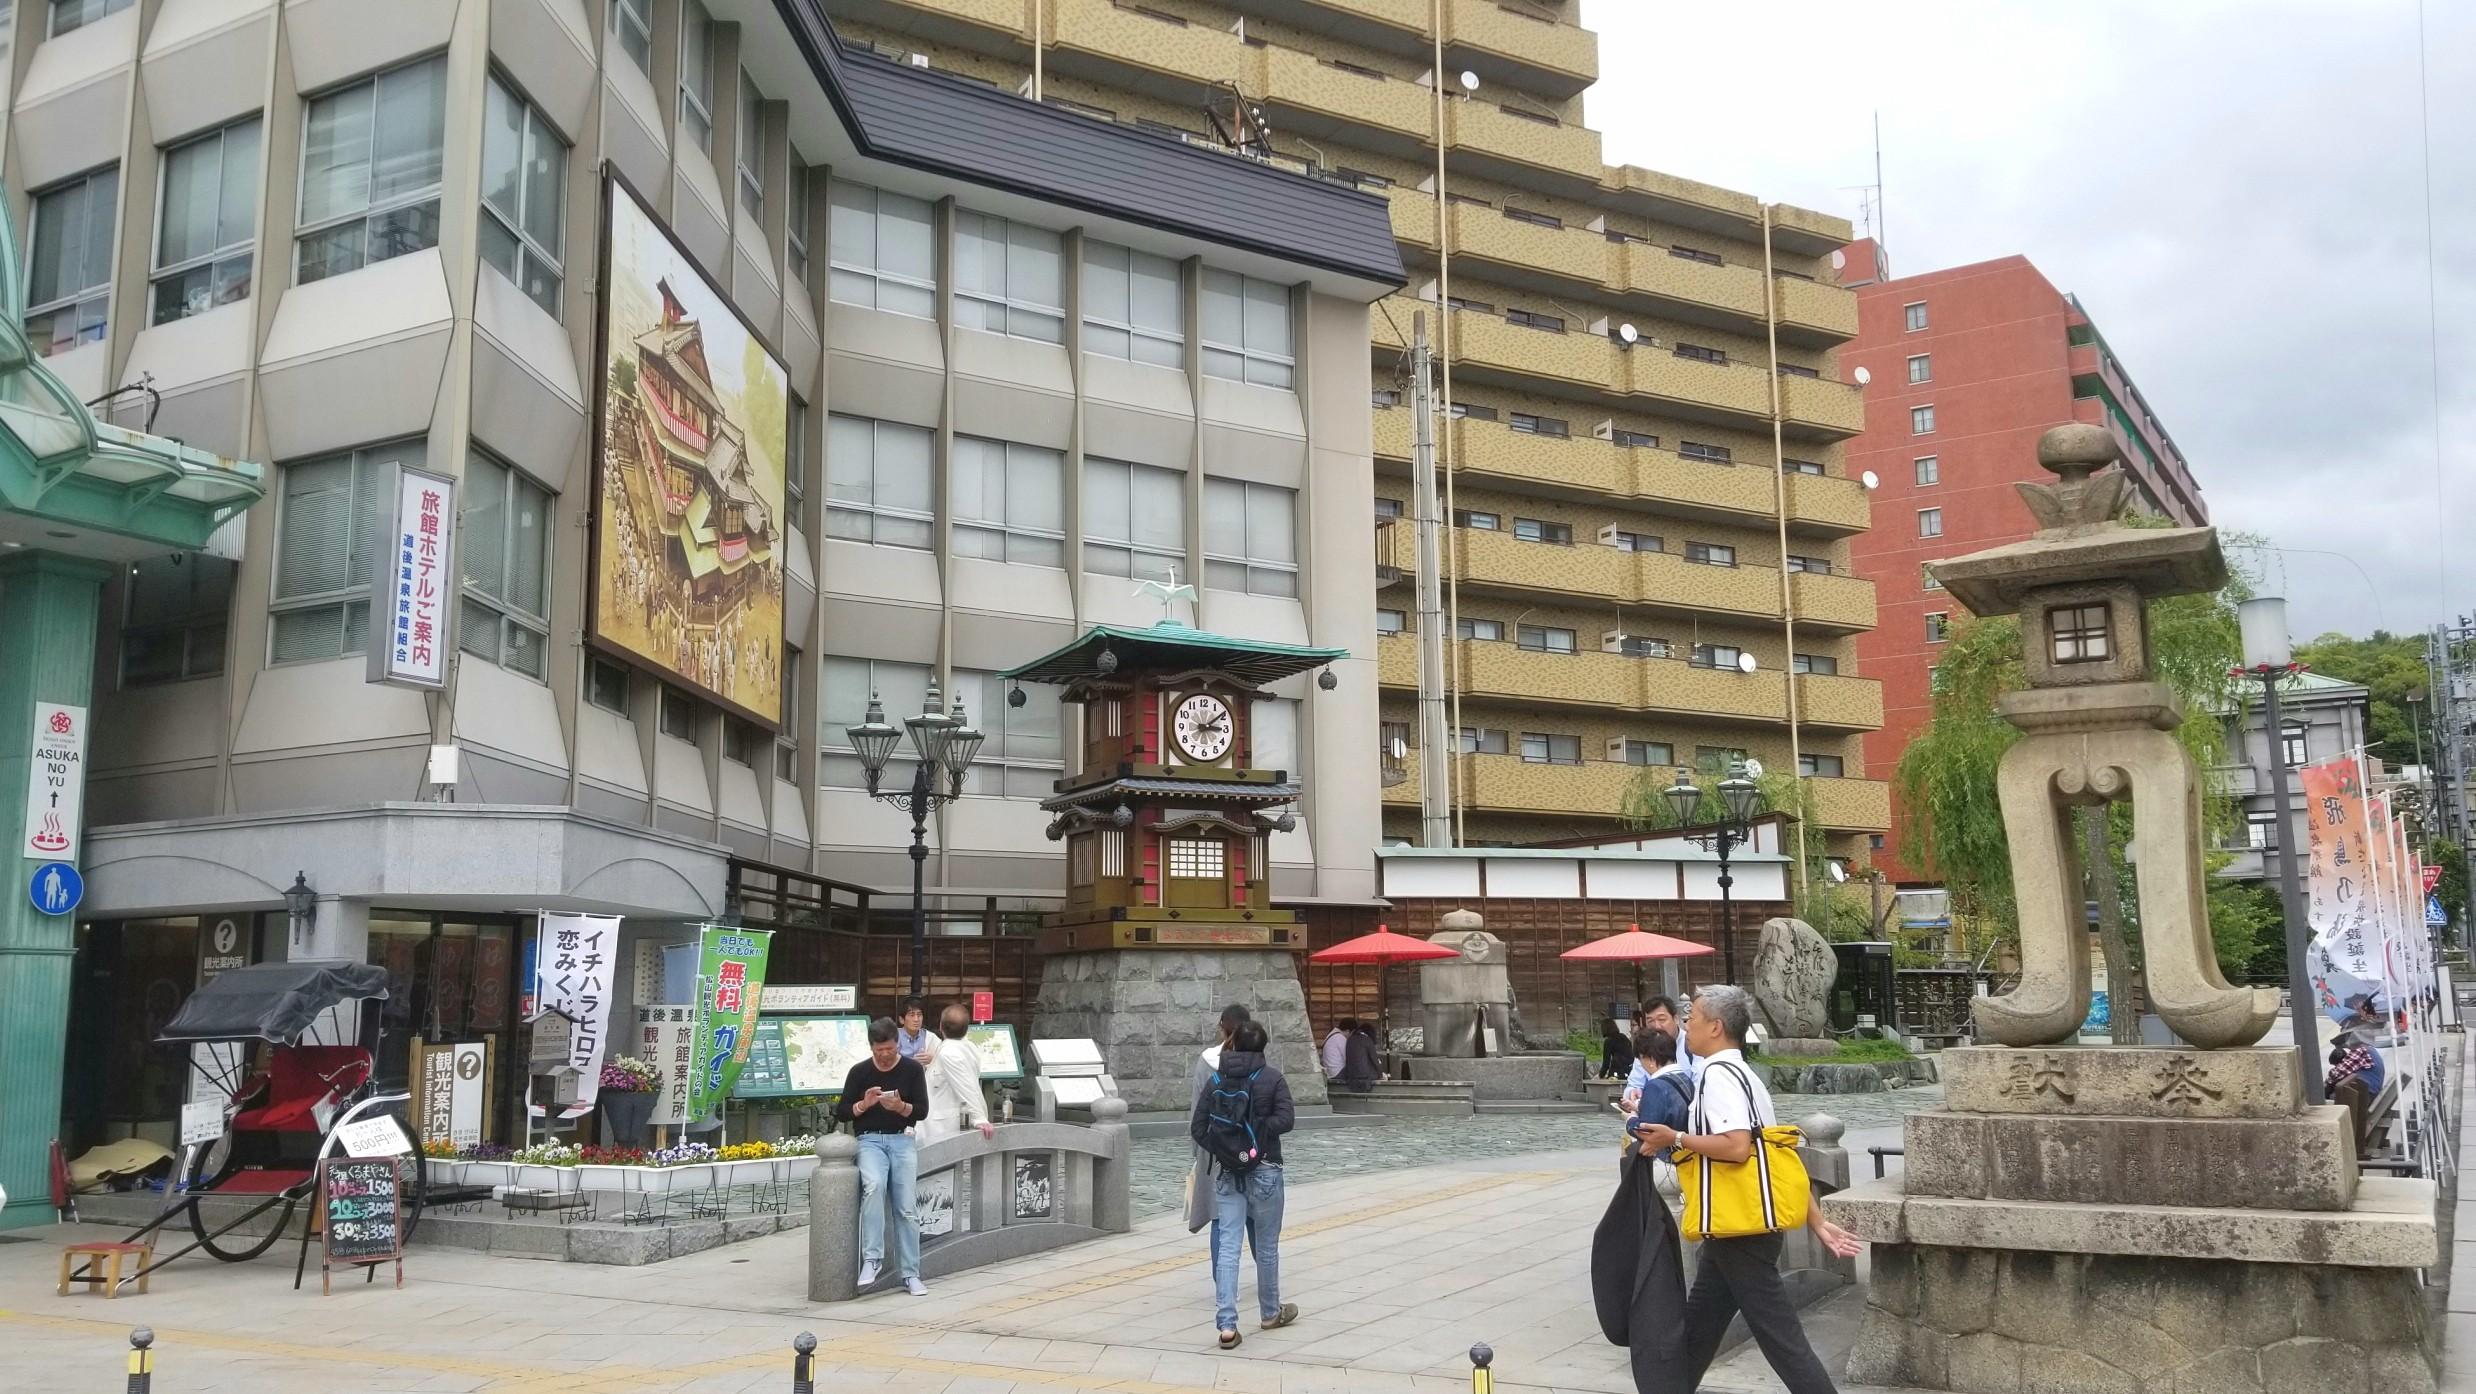 愛媛県,道後,からくり時計台,旅行,観光名所,散策,町並み,古い建物